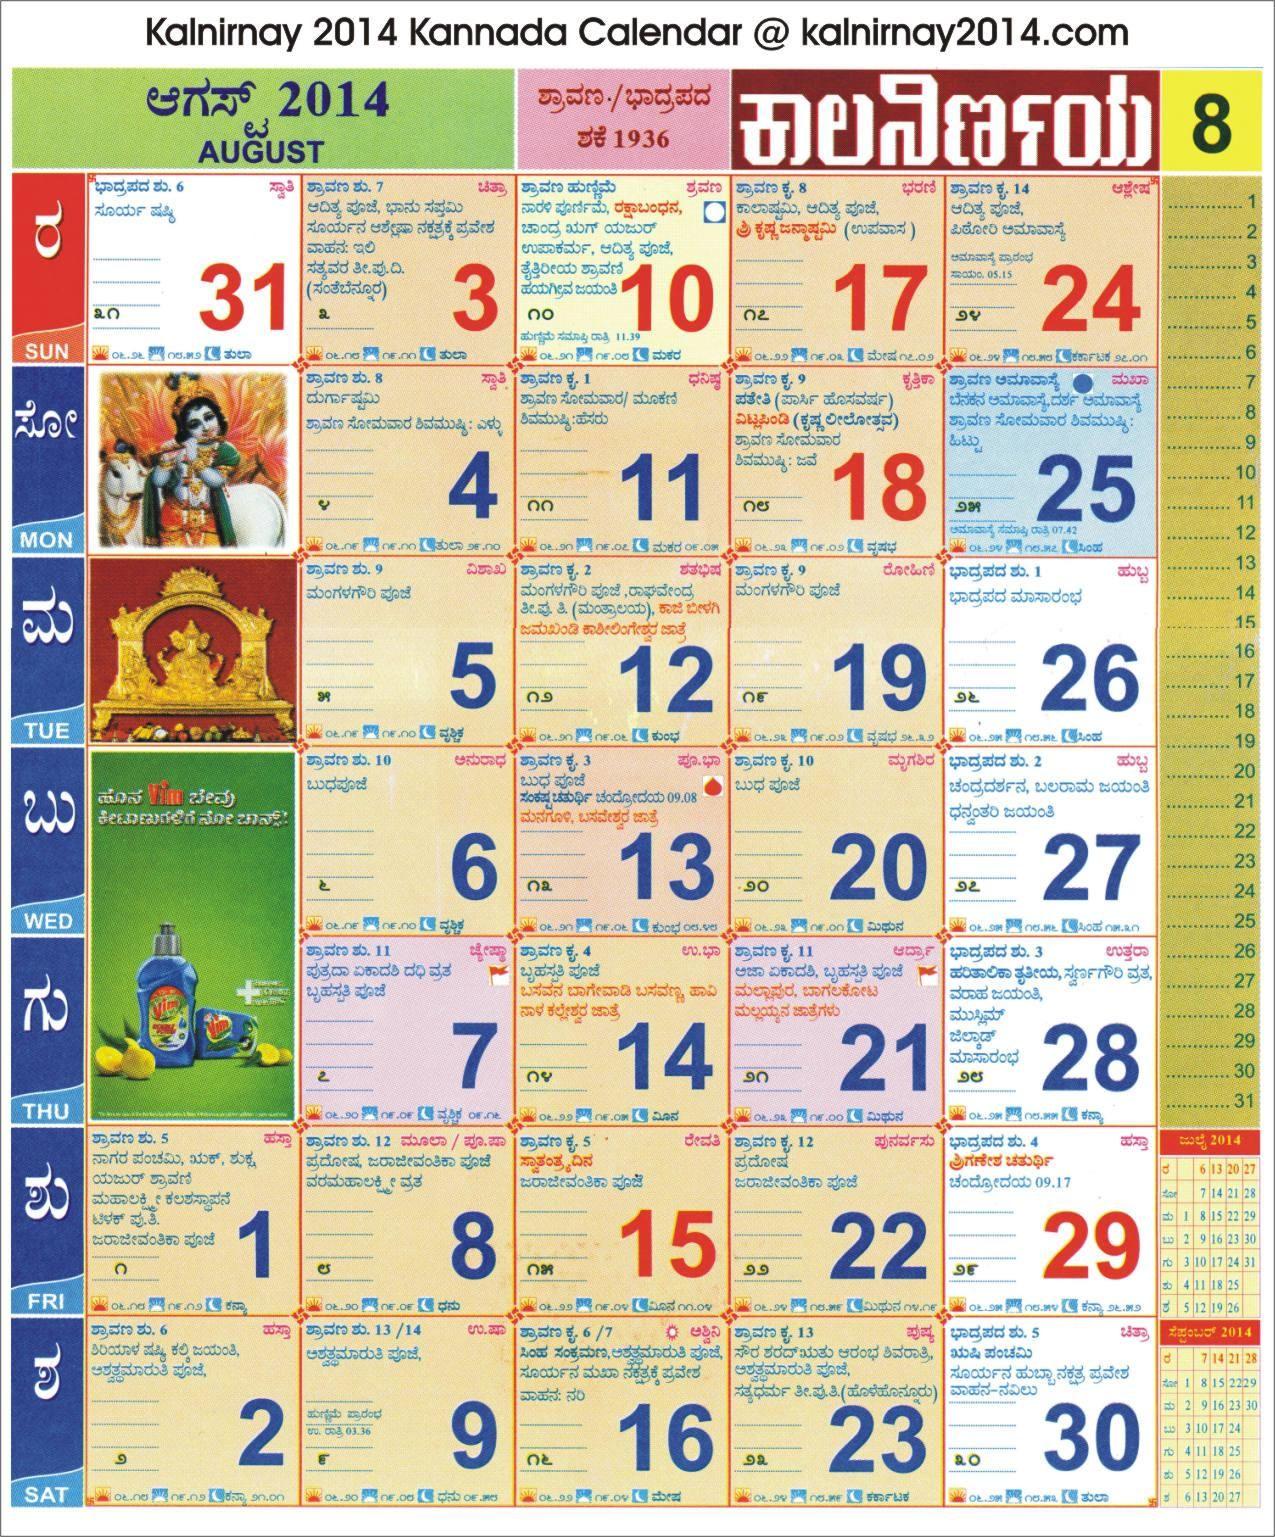 August 2014 Kannada kalnirnay Calendar | 2014 Kannada Kalnirnay ...